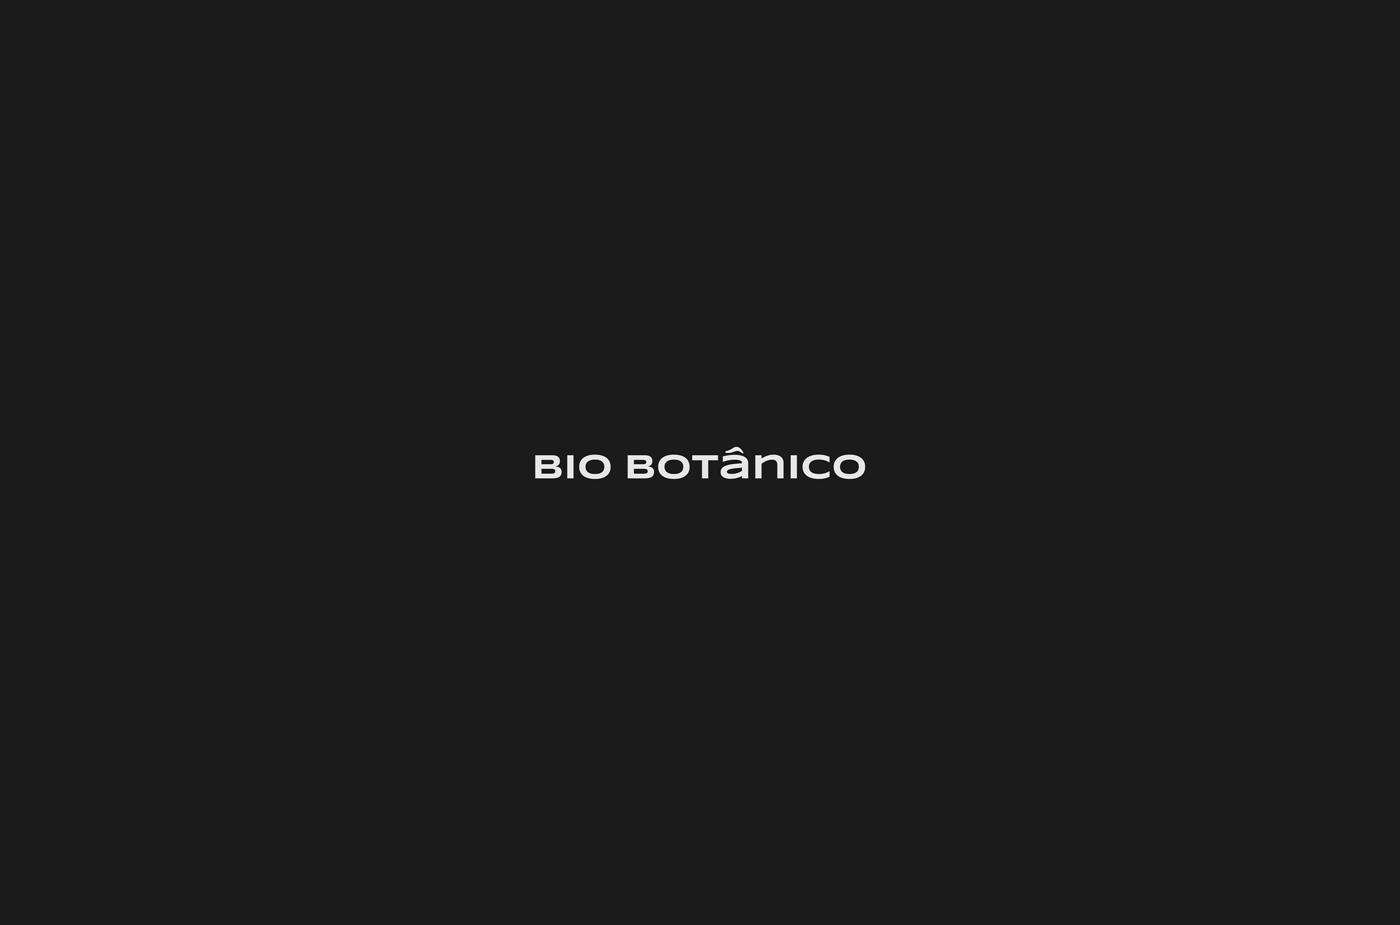 Bio_Botânico.png